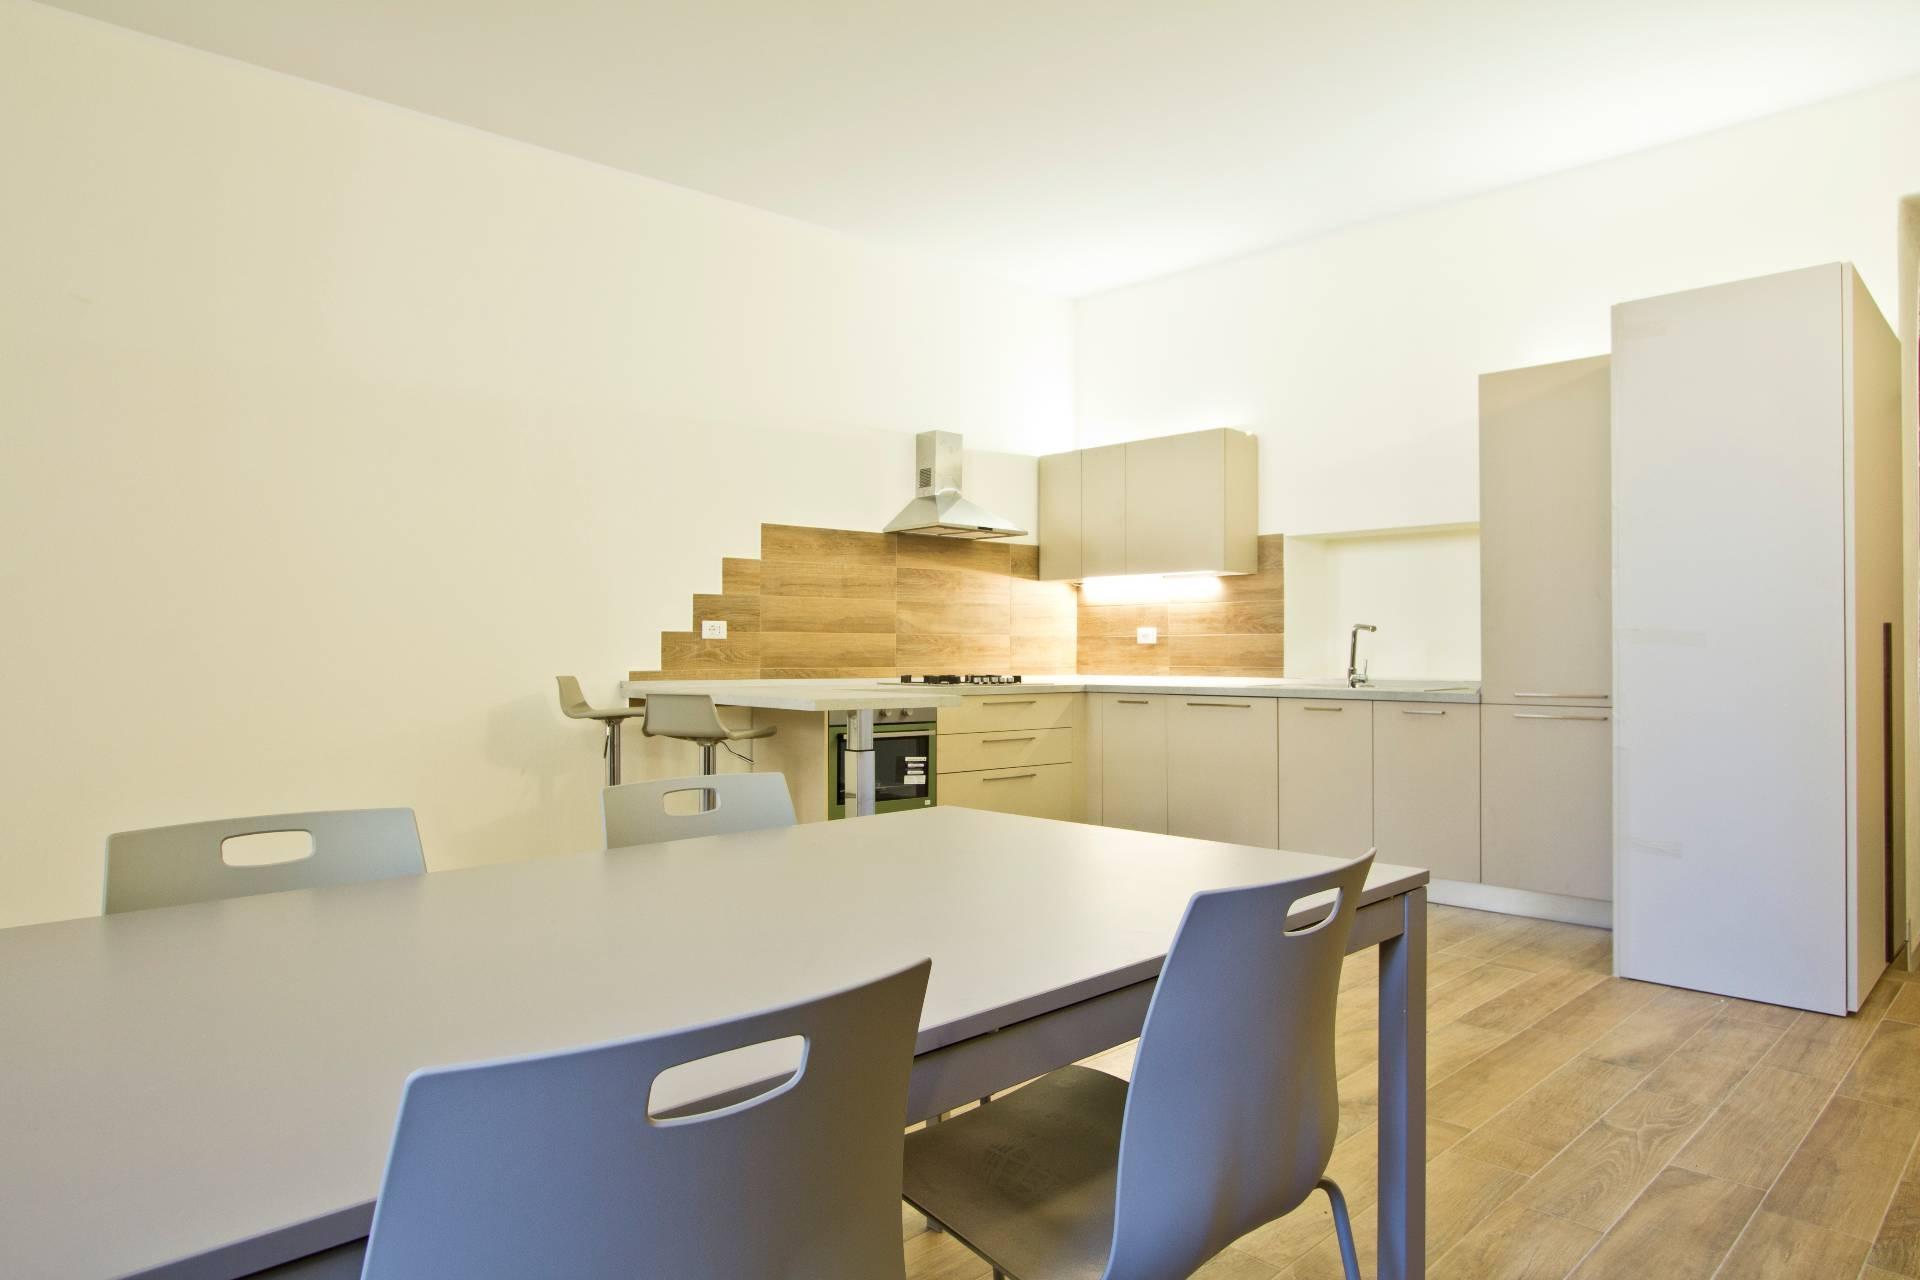 Appartamento in affitto a Verona, 3 locali, zona Località: Centrostorico, prezzo € 1.300 | CambioCasa.it